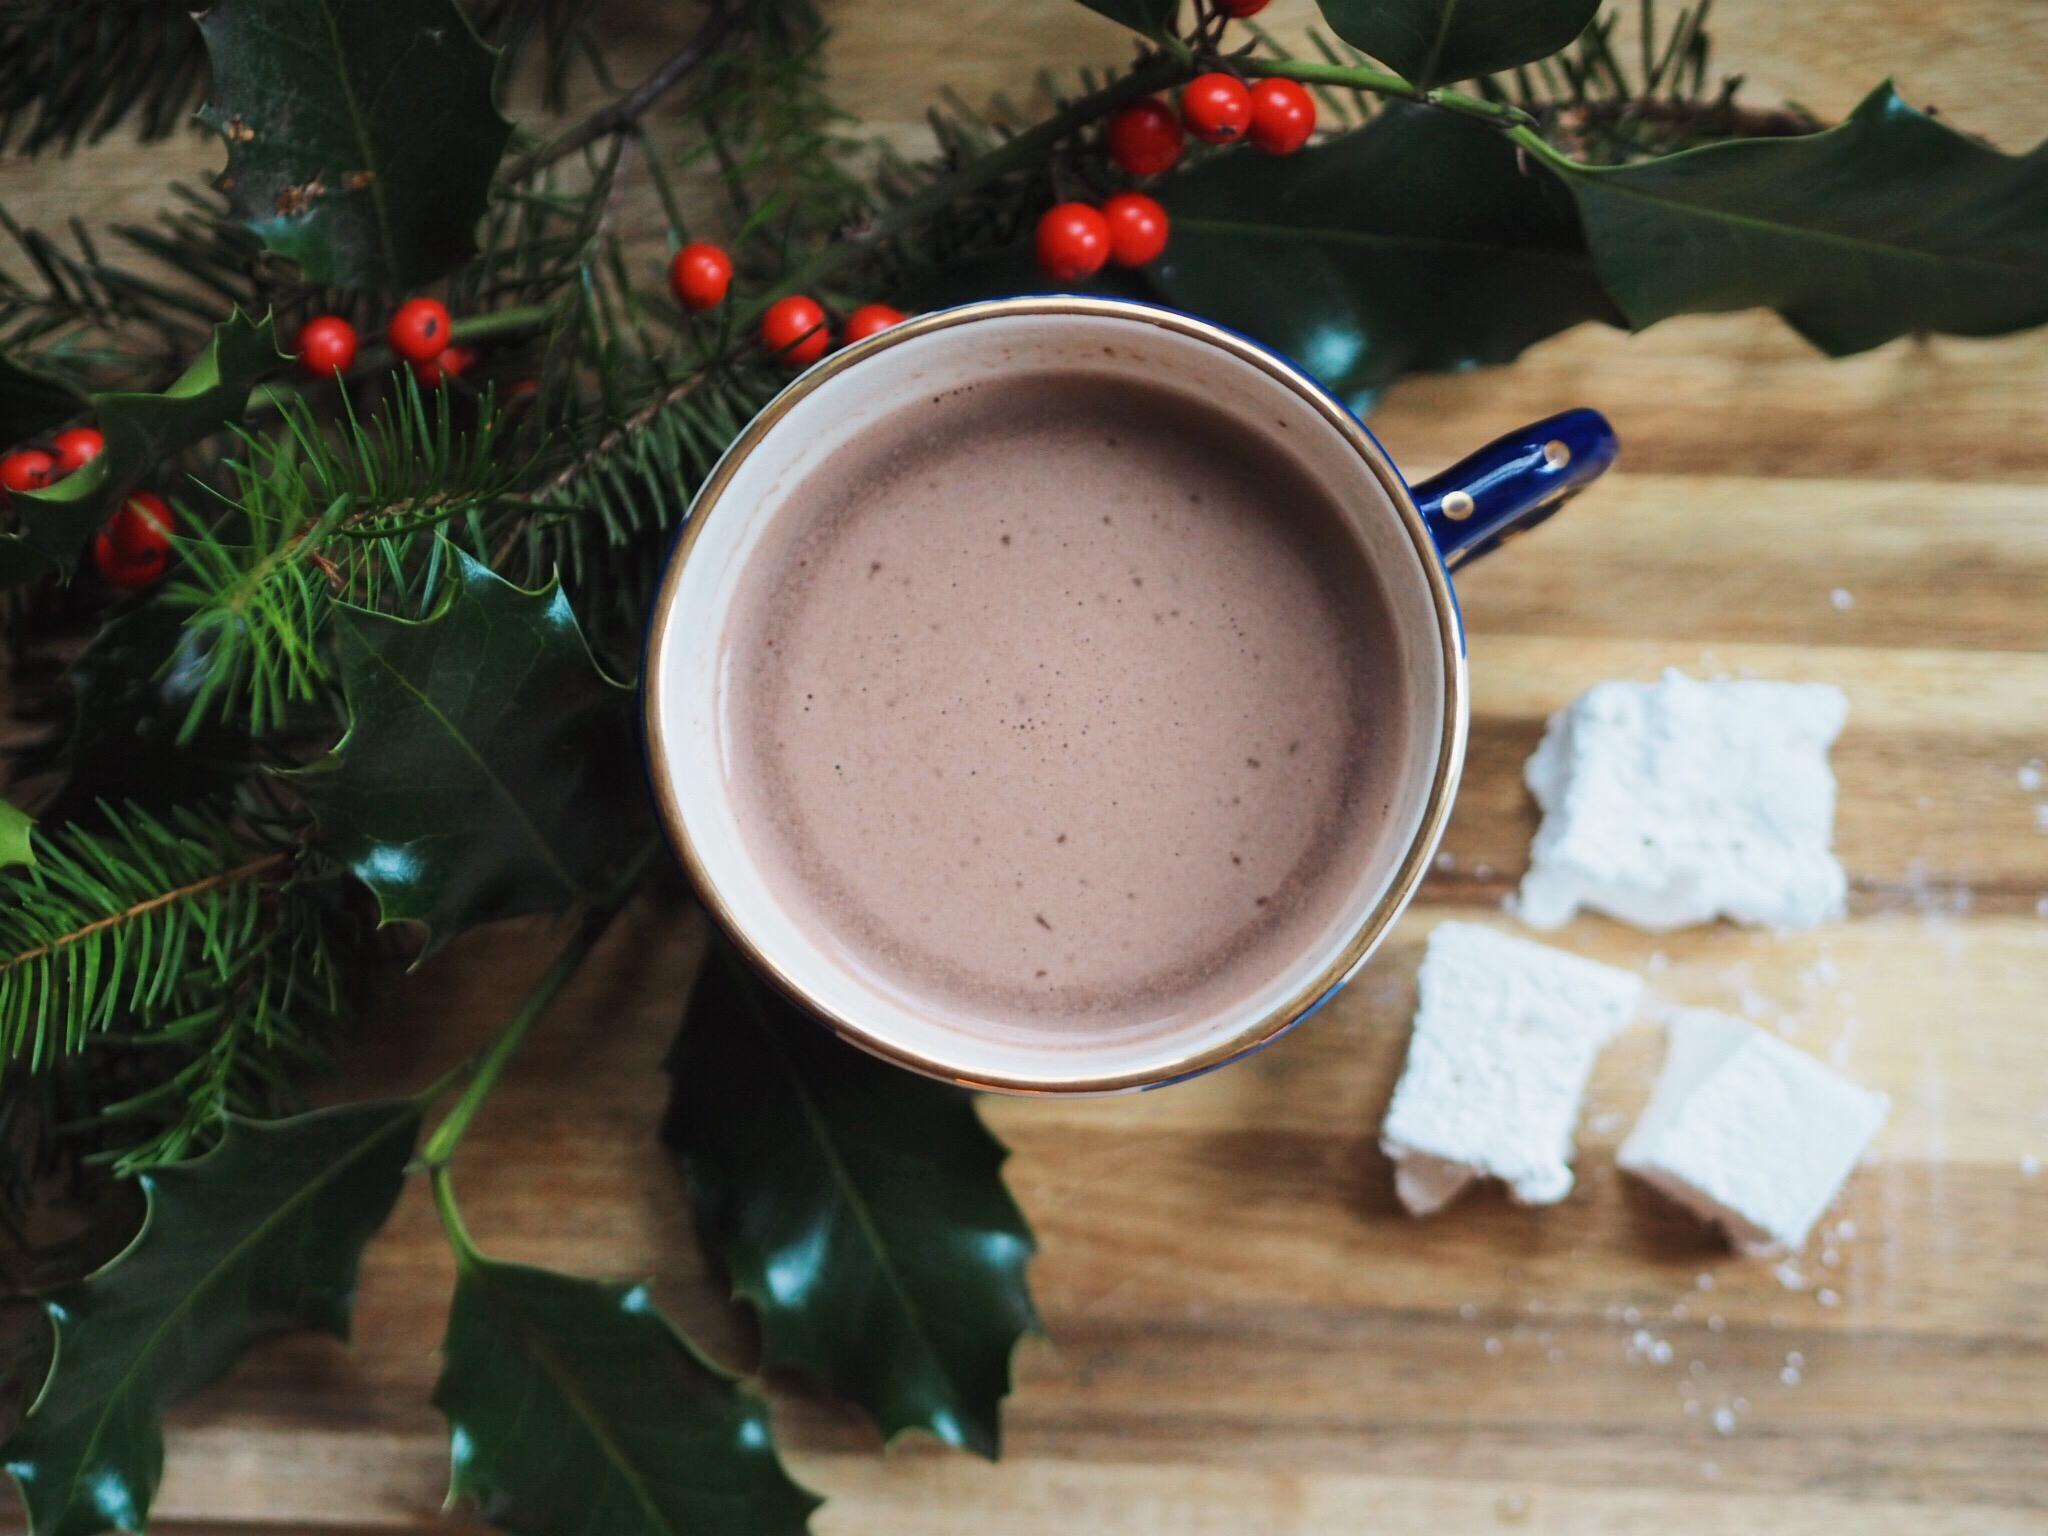 hot cocoa, marshmallows